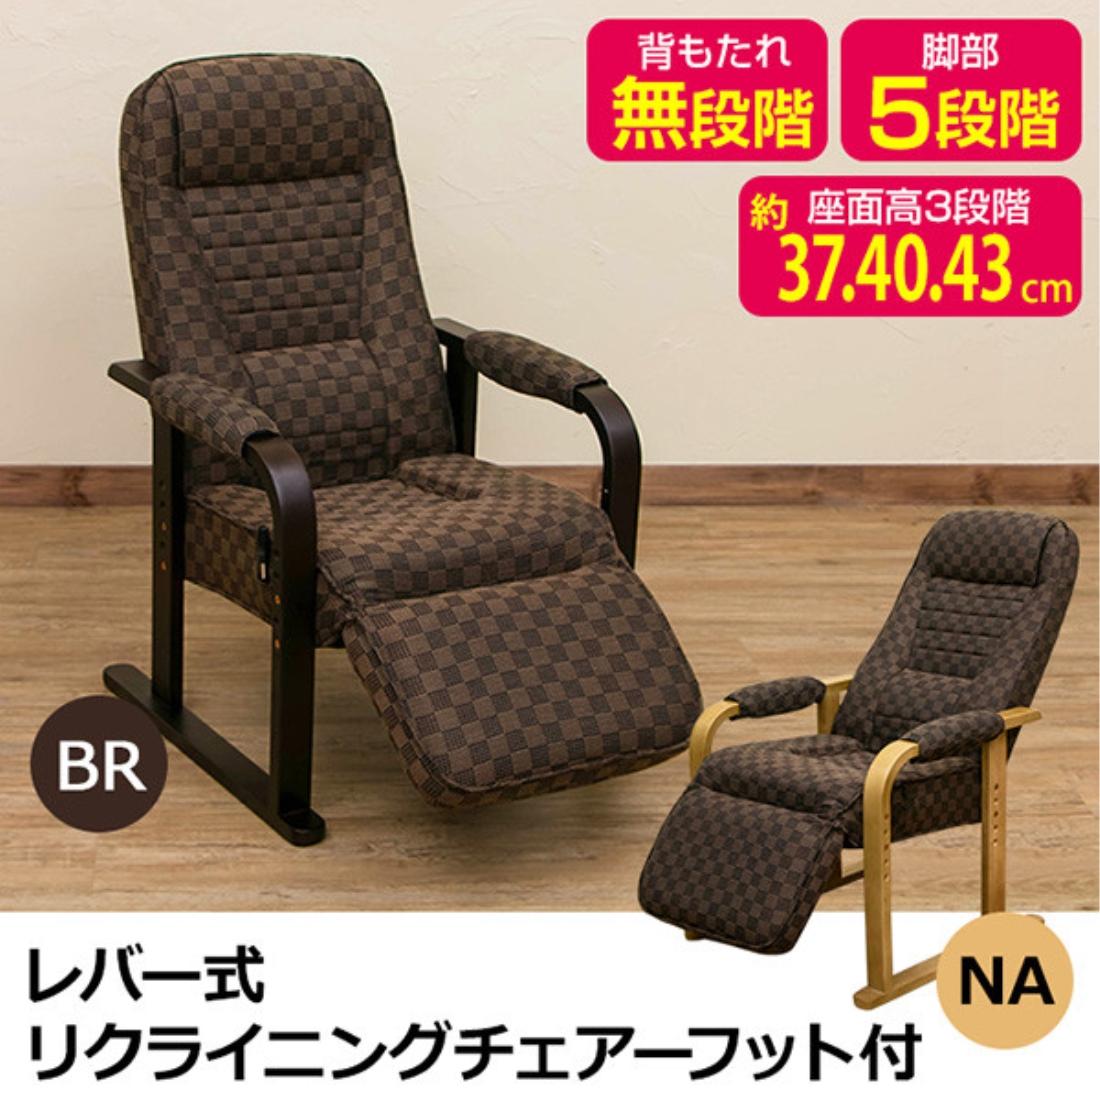 インテリア 家具 チェアー 椅子 レバー式リクライニングチェアフット付